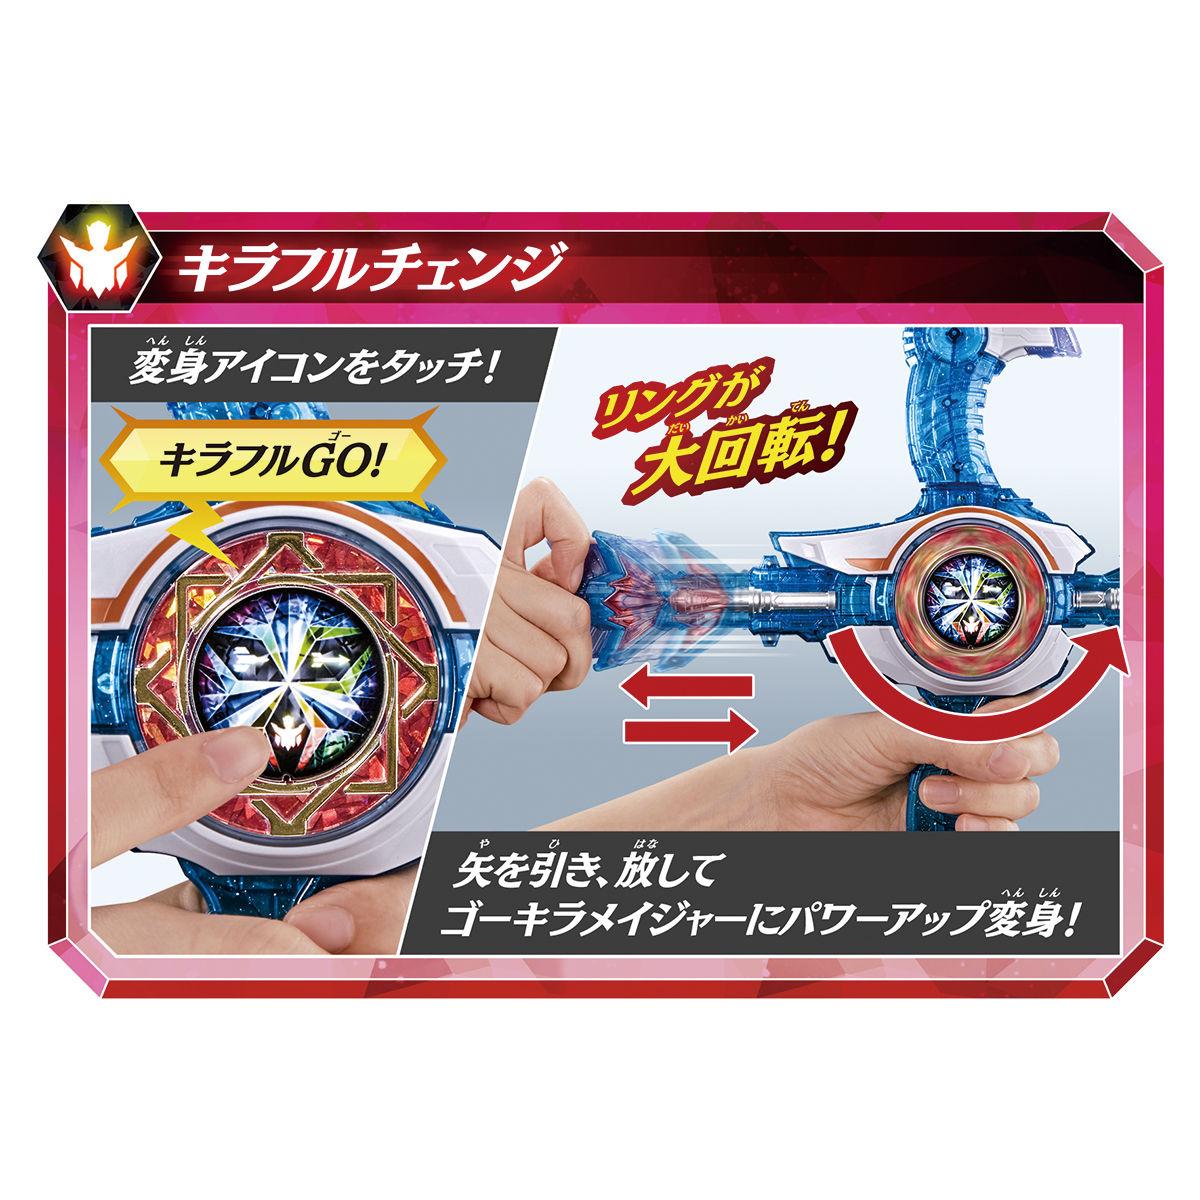 魔進戦隊キラメイジャー『最煌弓 DXキラフルゴーアロー』ゴーキラメイジャー 変身なりきり-003